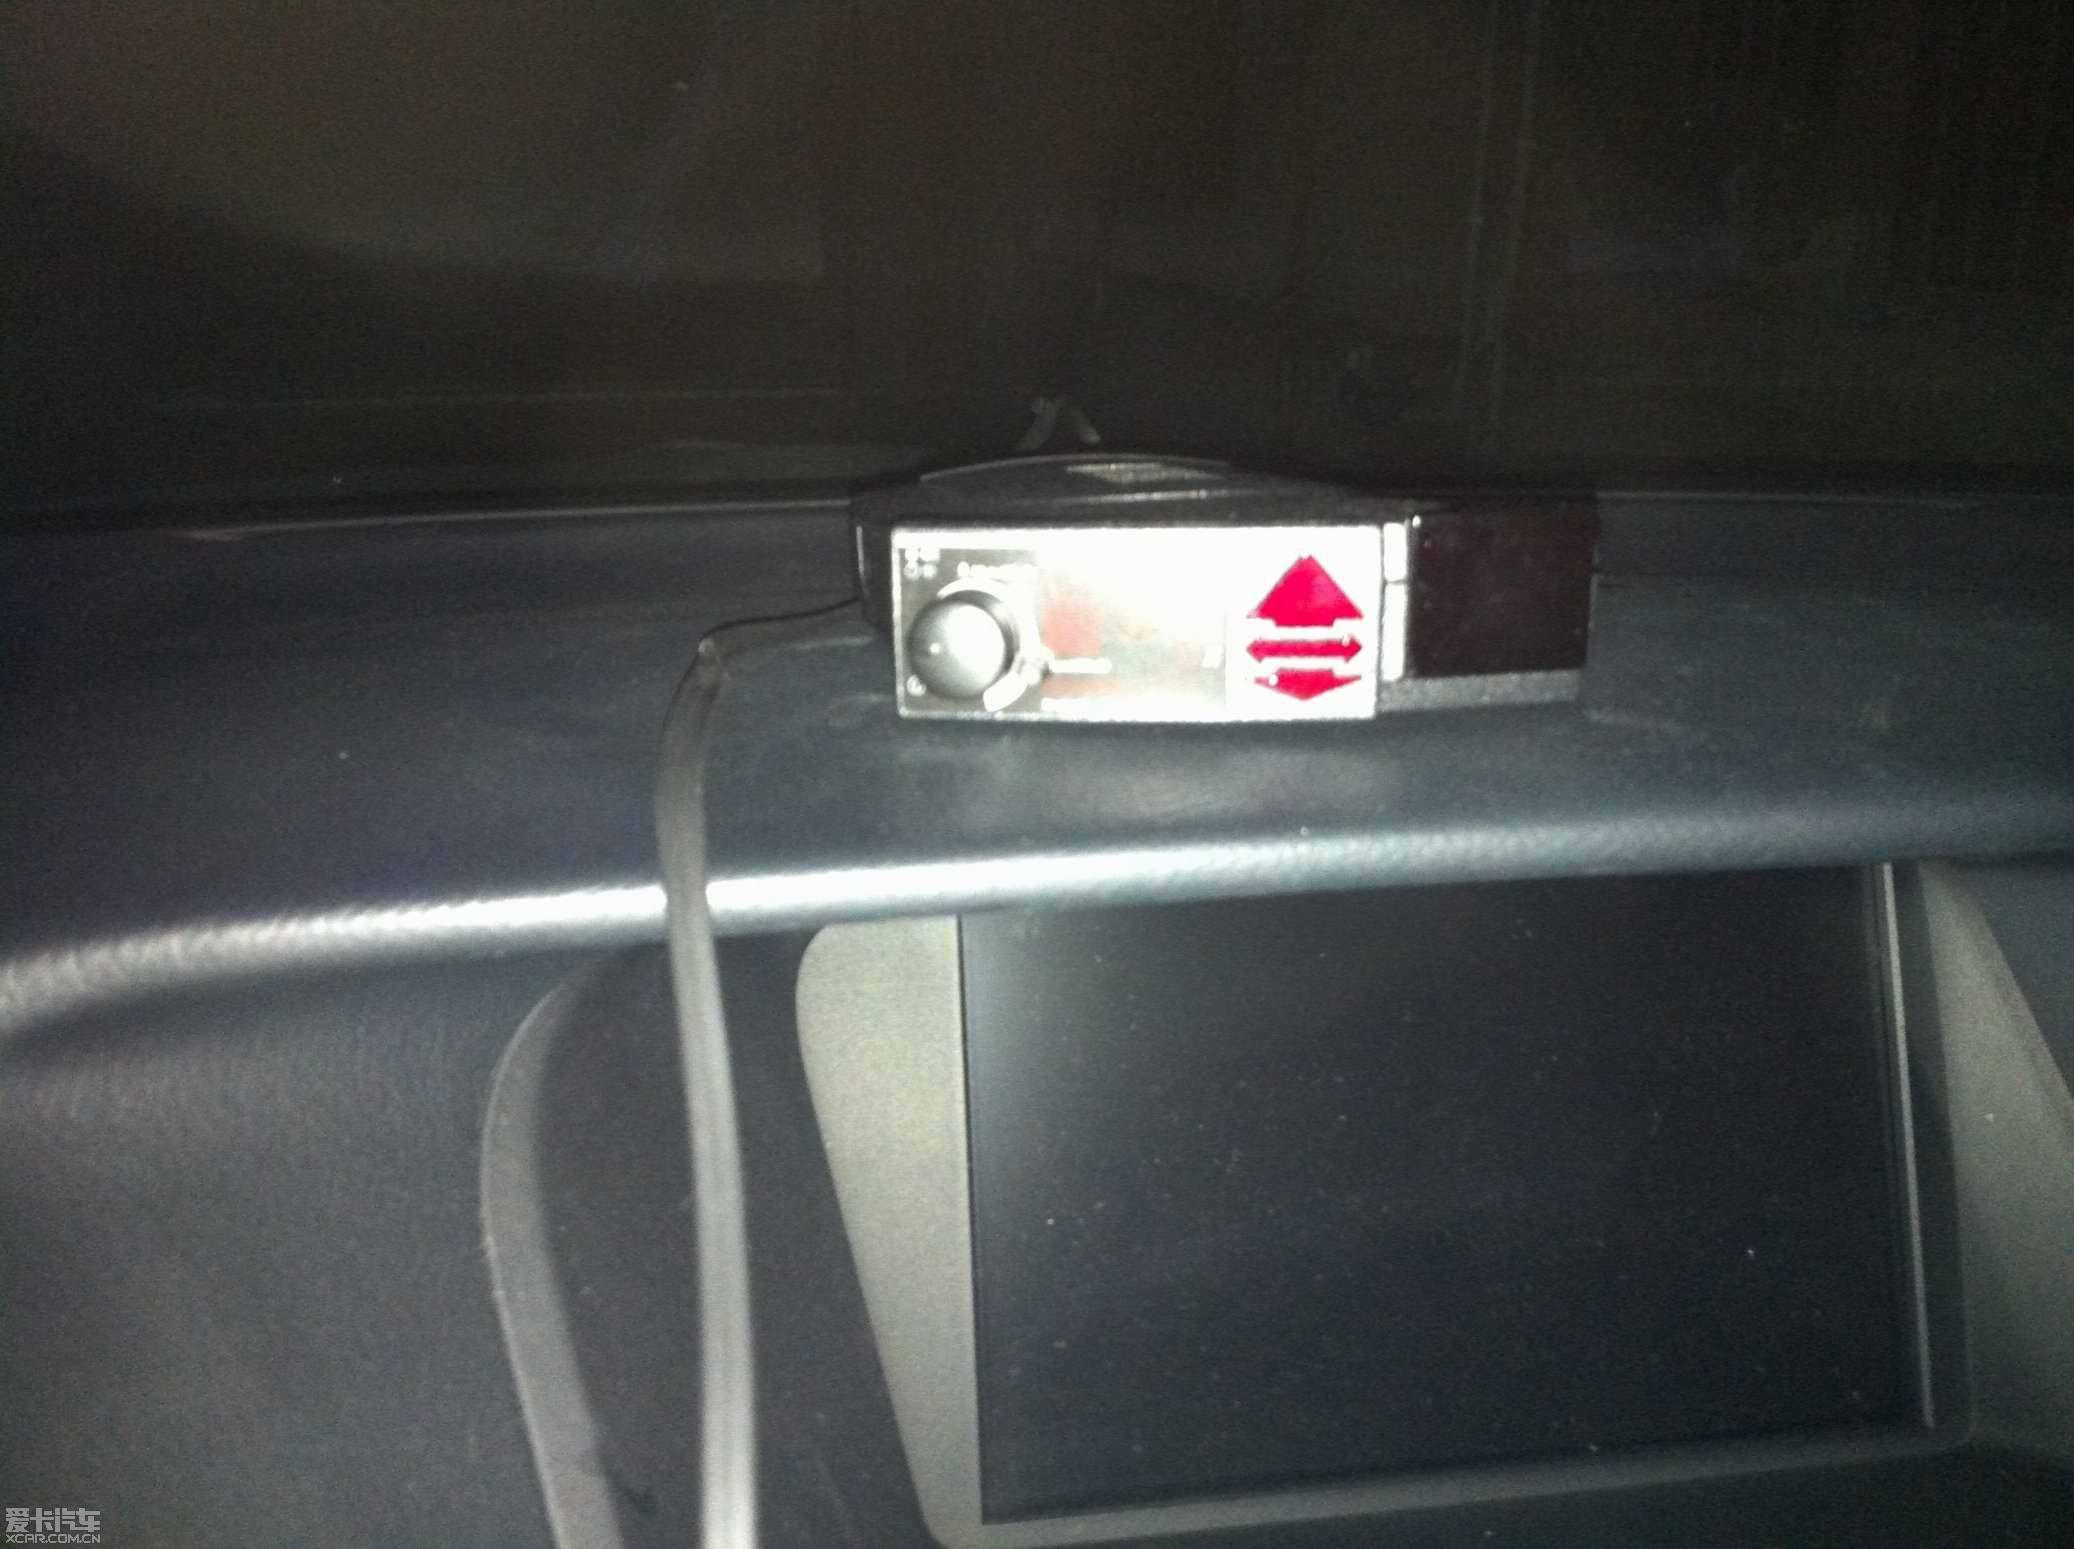 雷克萨斯rx270钥匙 论坛汇总帖 爱卡汽车高清图片